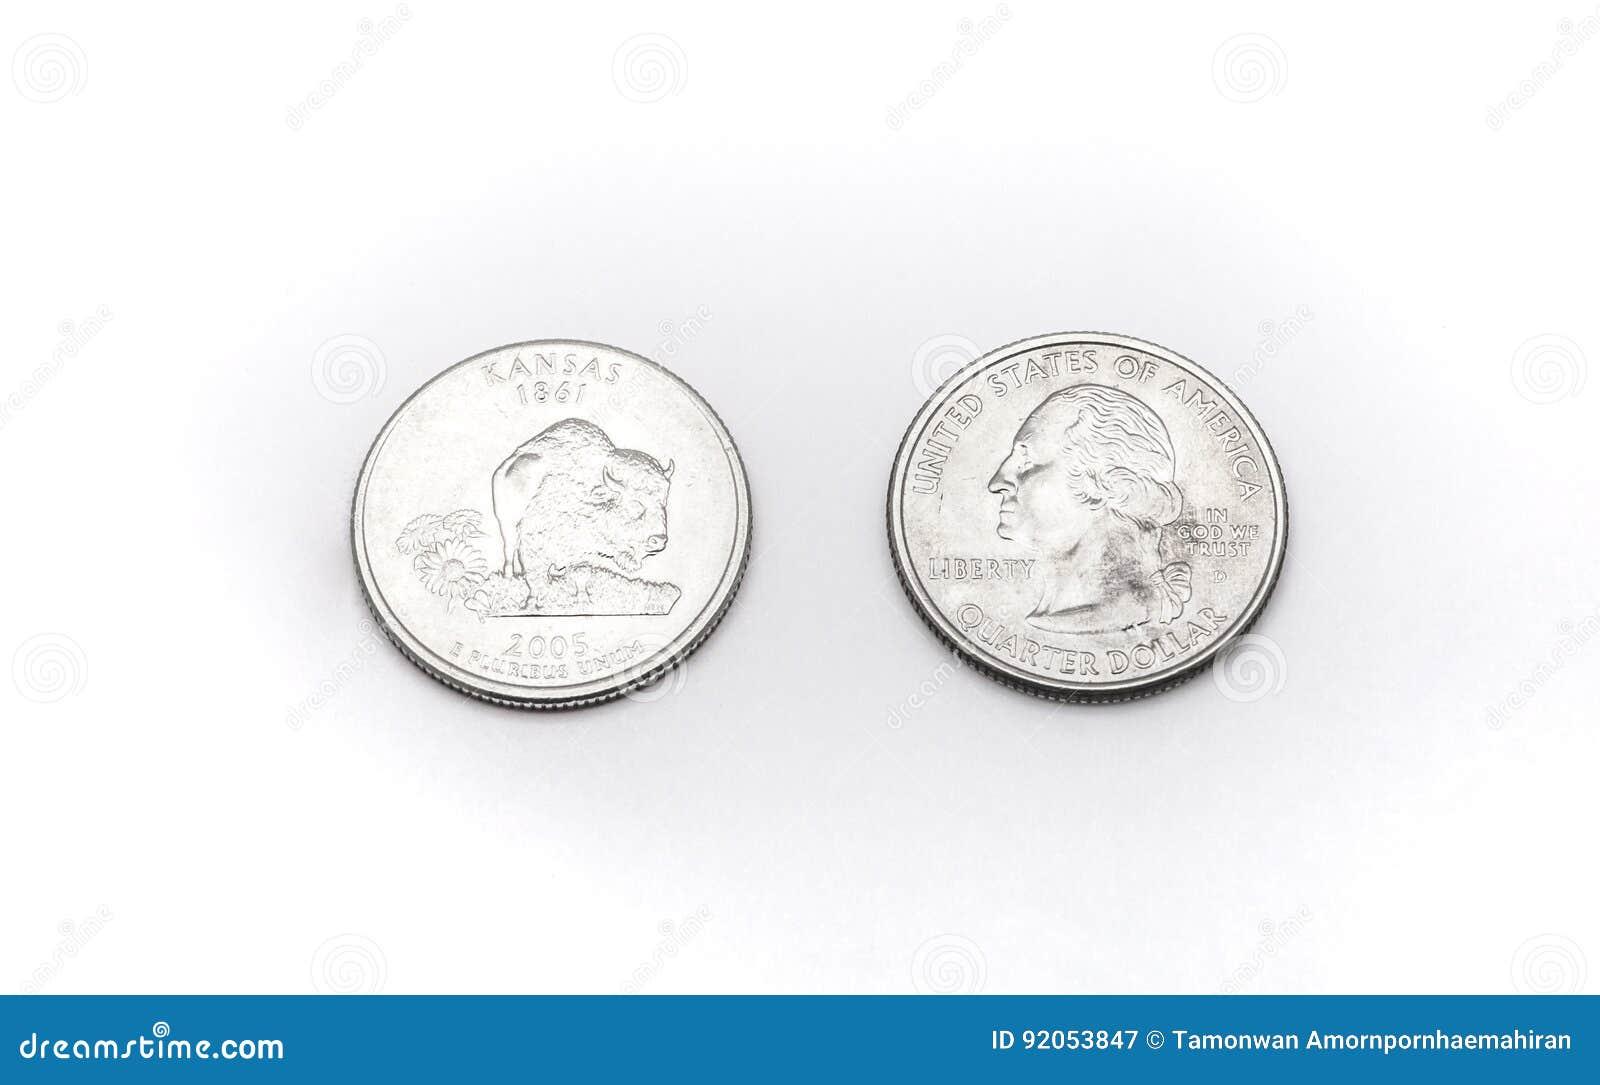 closeup to kansas state symbol on quarter dollar coin on white